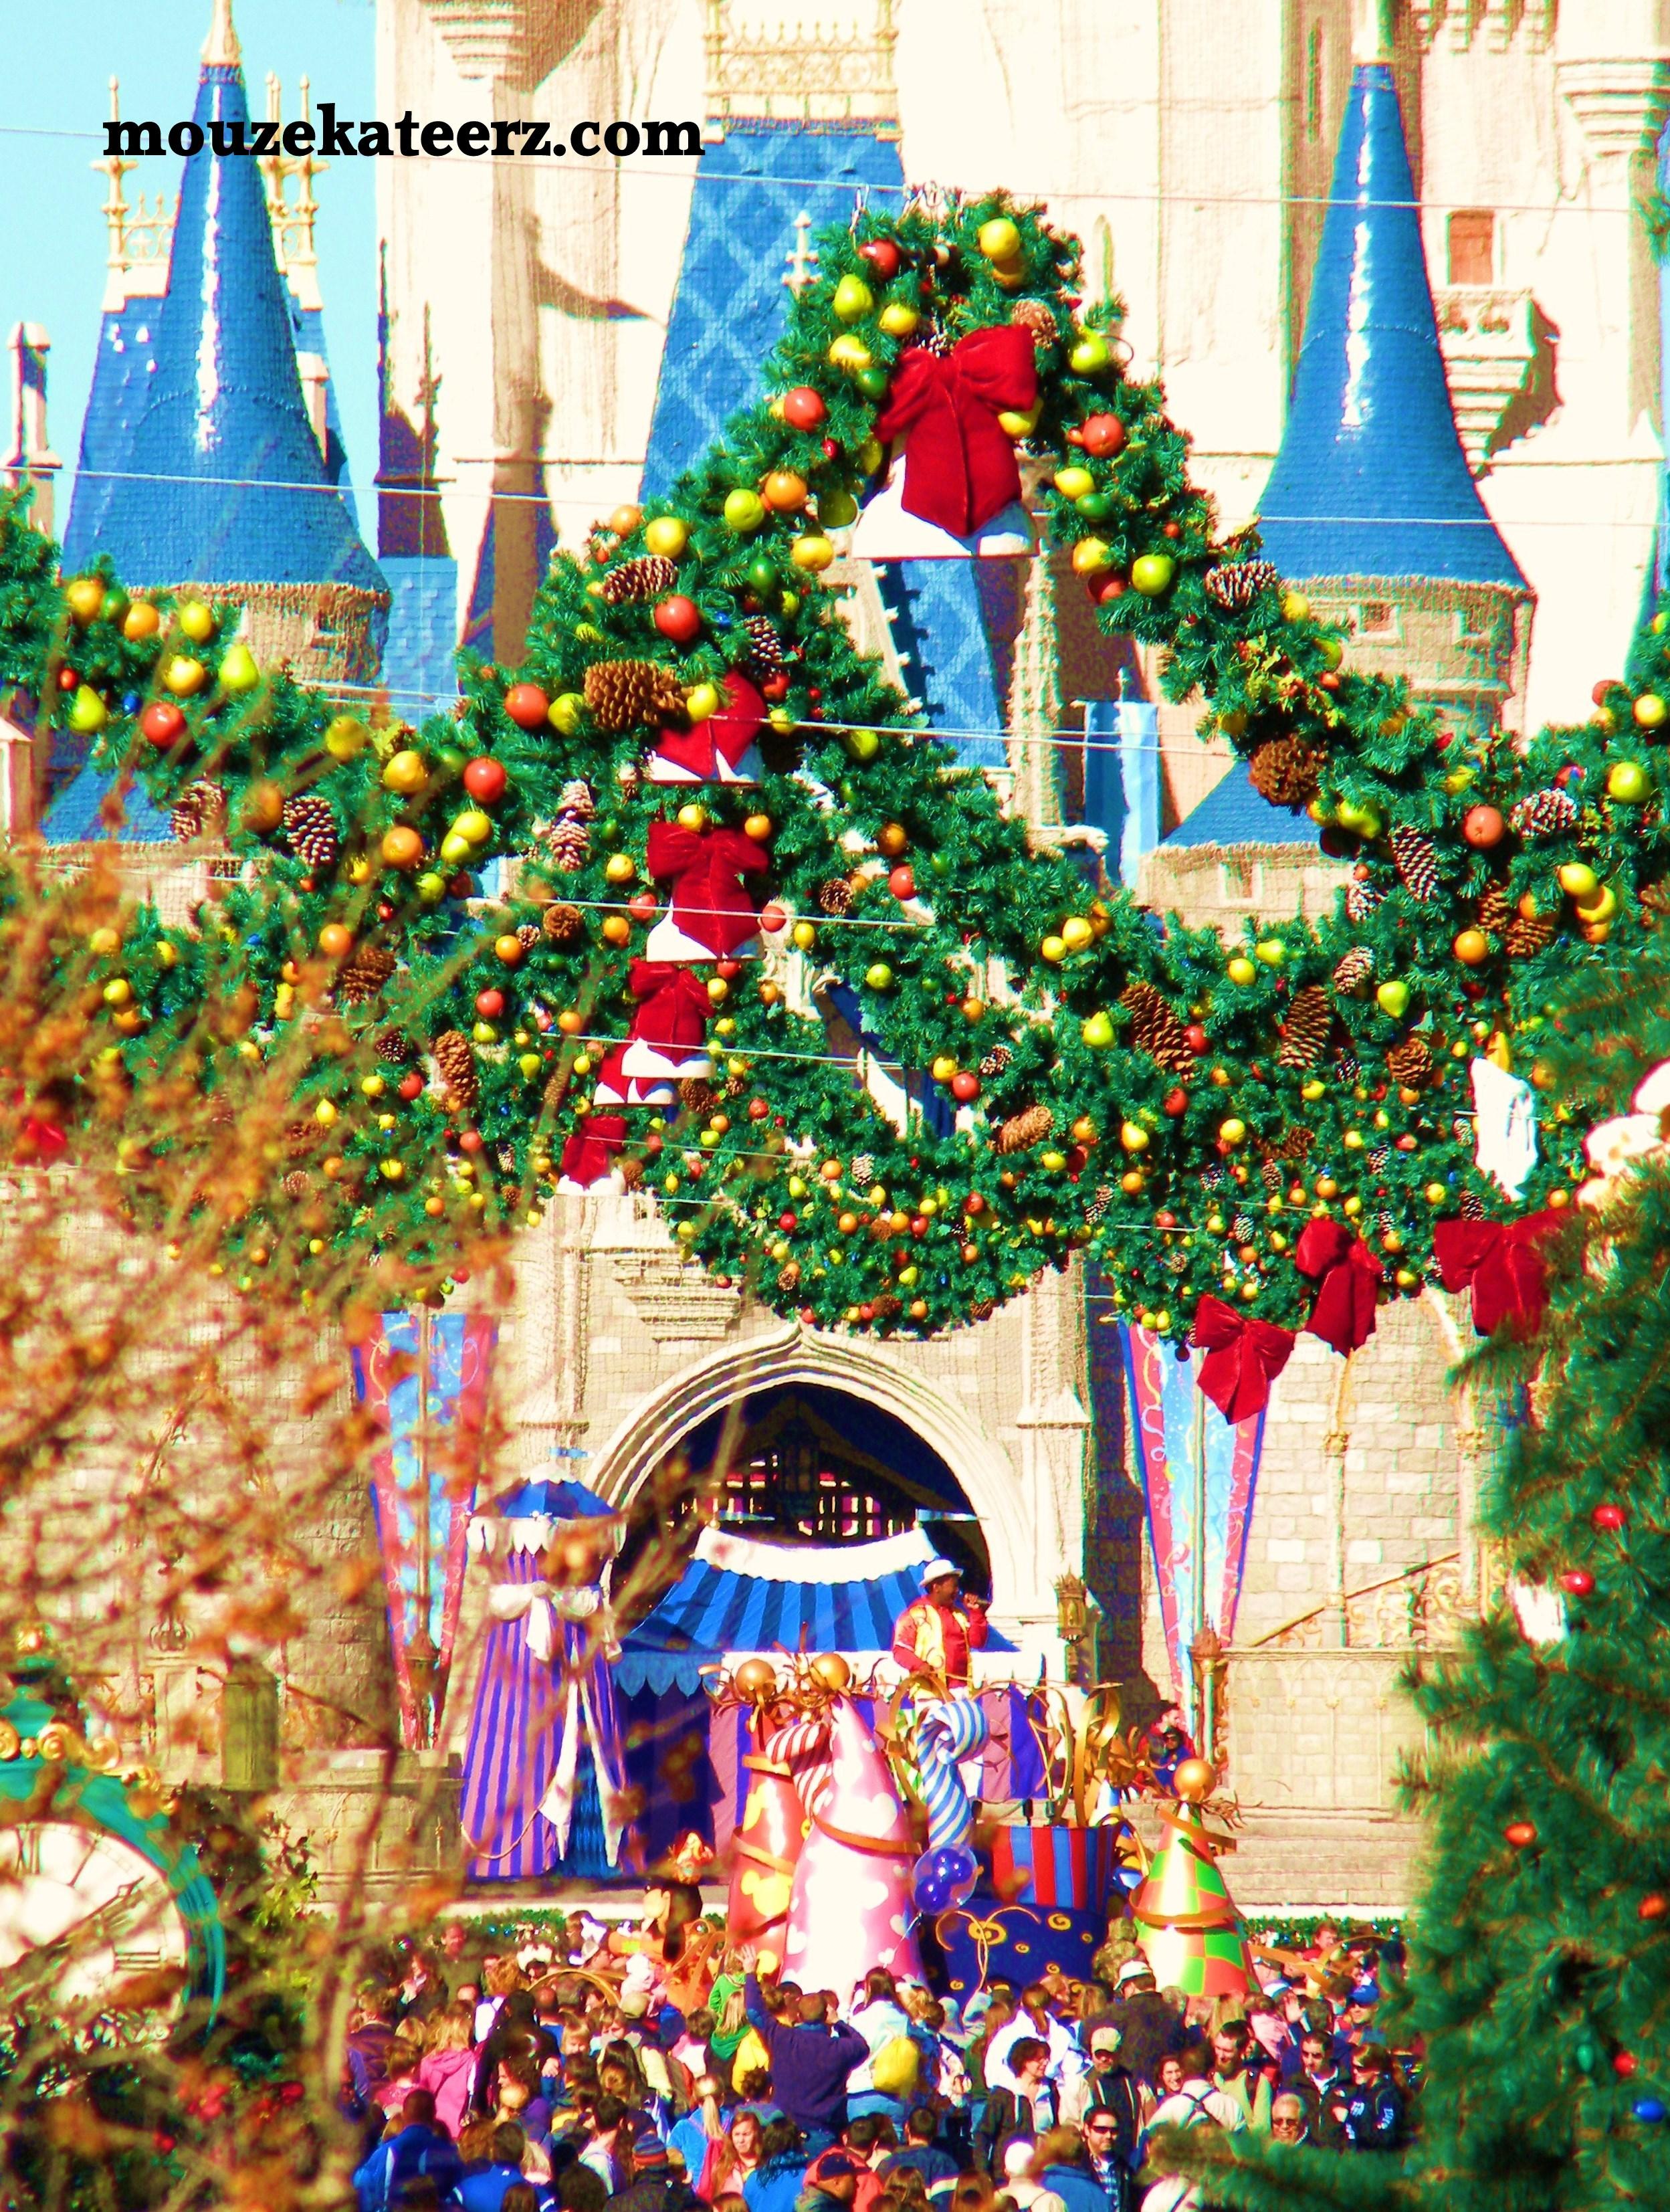 Disney world christmas decorations 2014 - I Ve